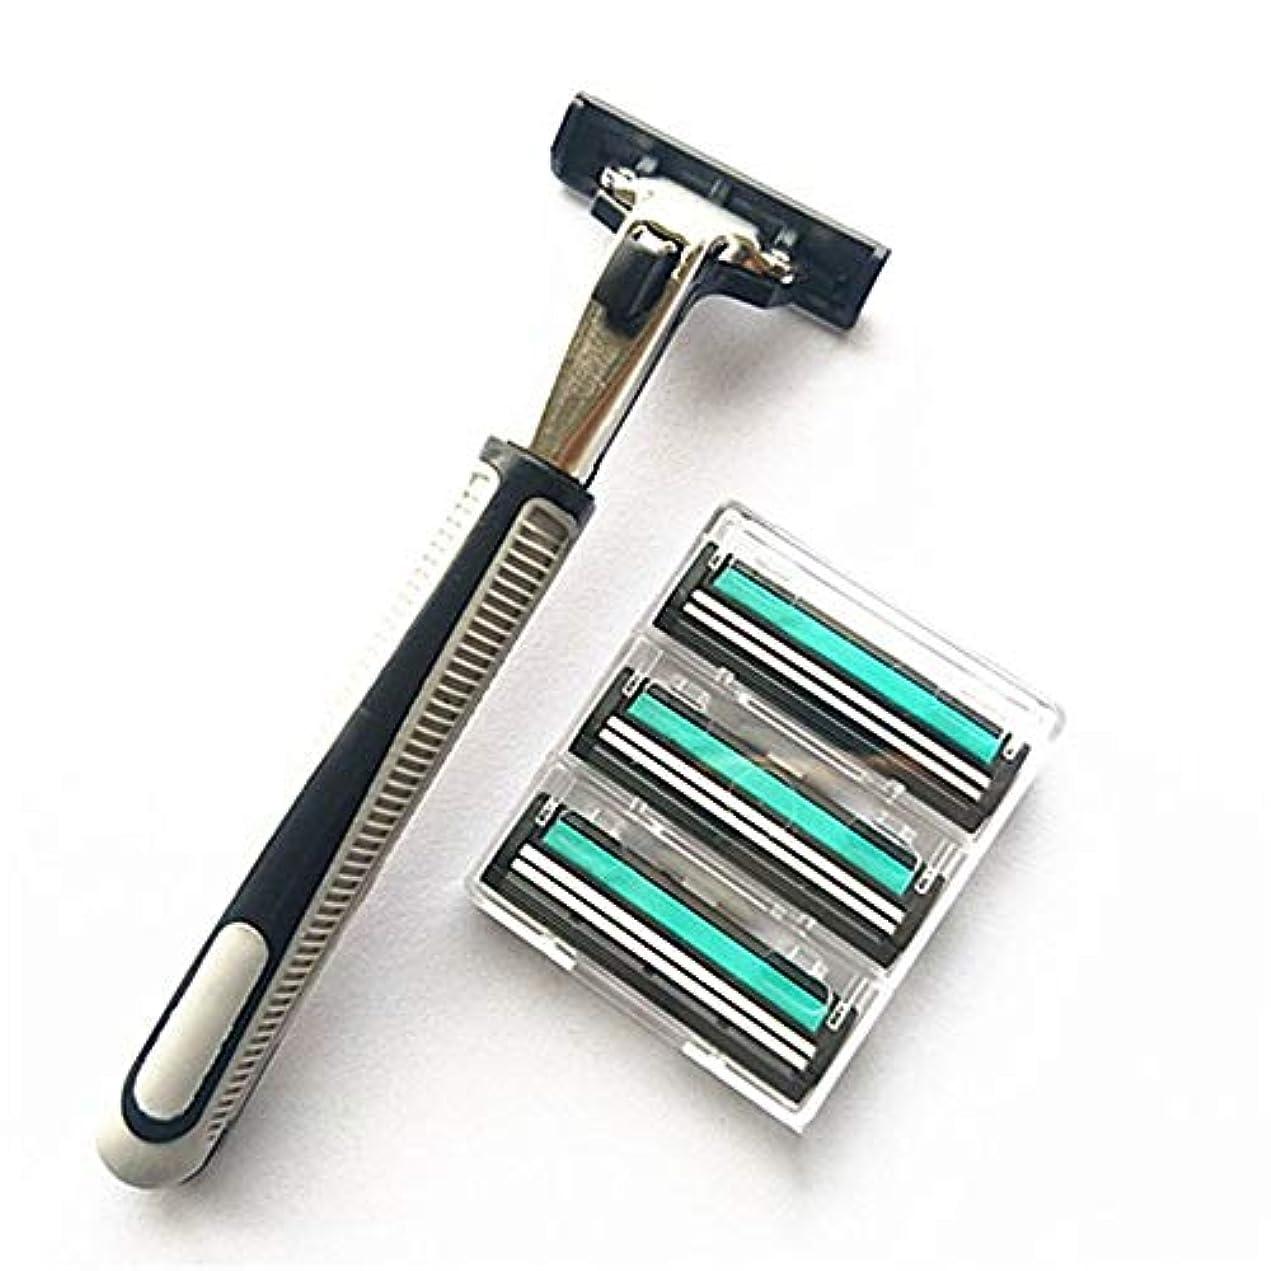 拷問表面科学者aomashangmao 新しい輸入ステンレス鋼ダブルかみそりの刃、12男性のかみそりの刃と1ピースマニュアルメンズストレートかみそり